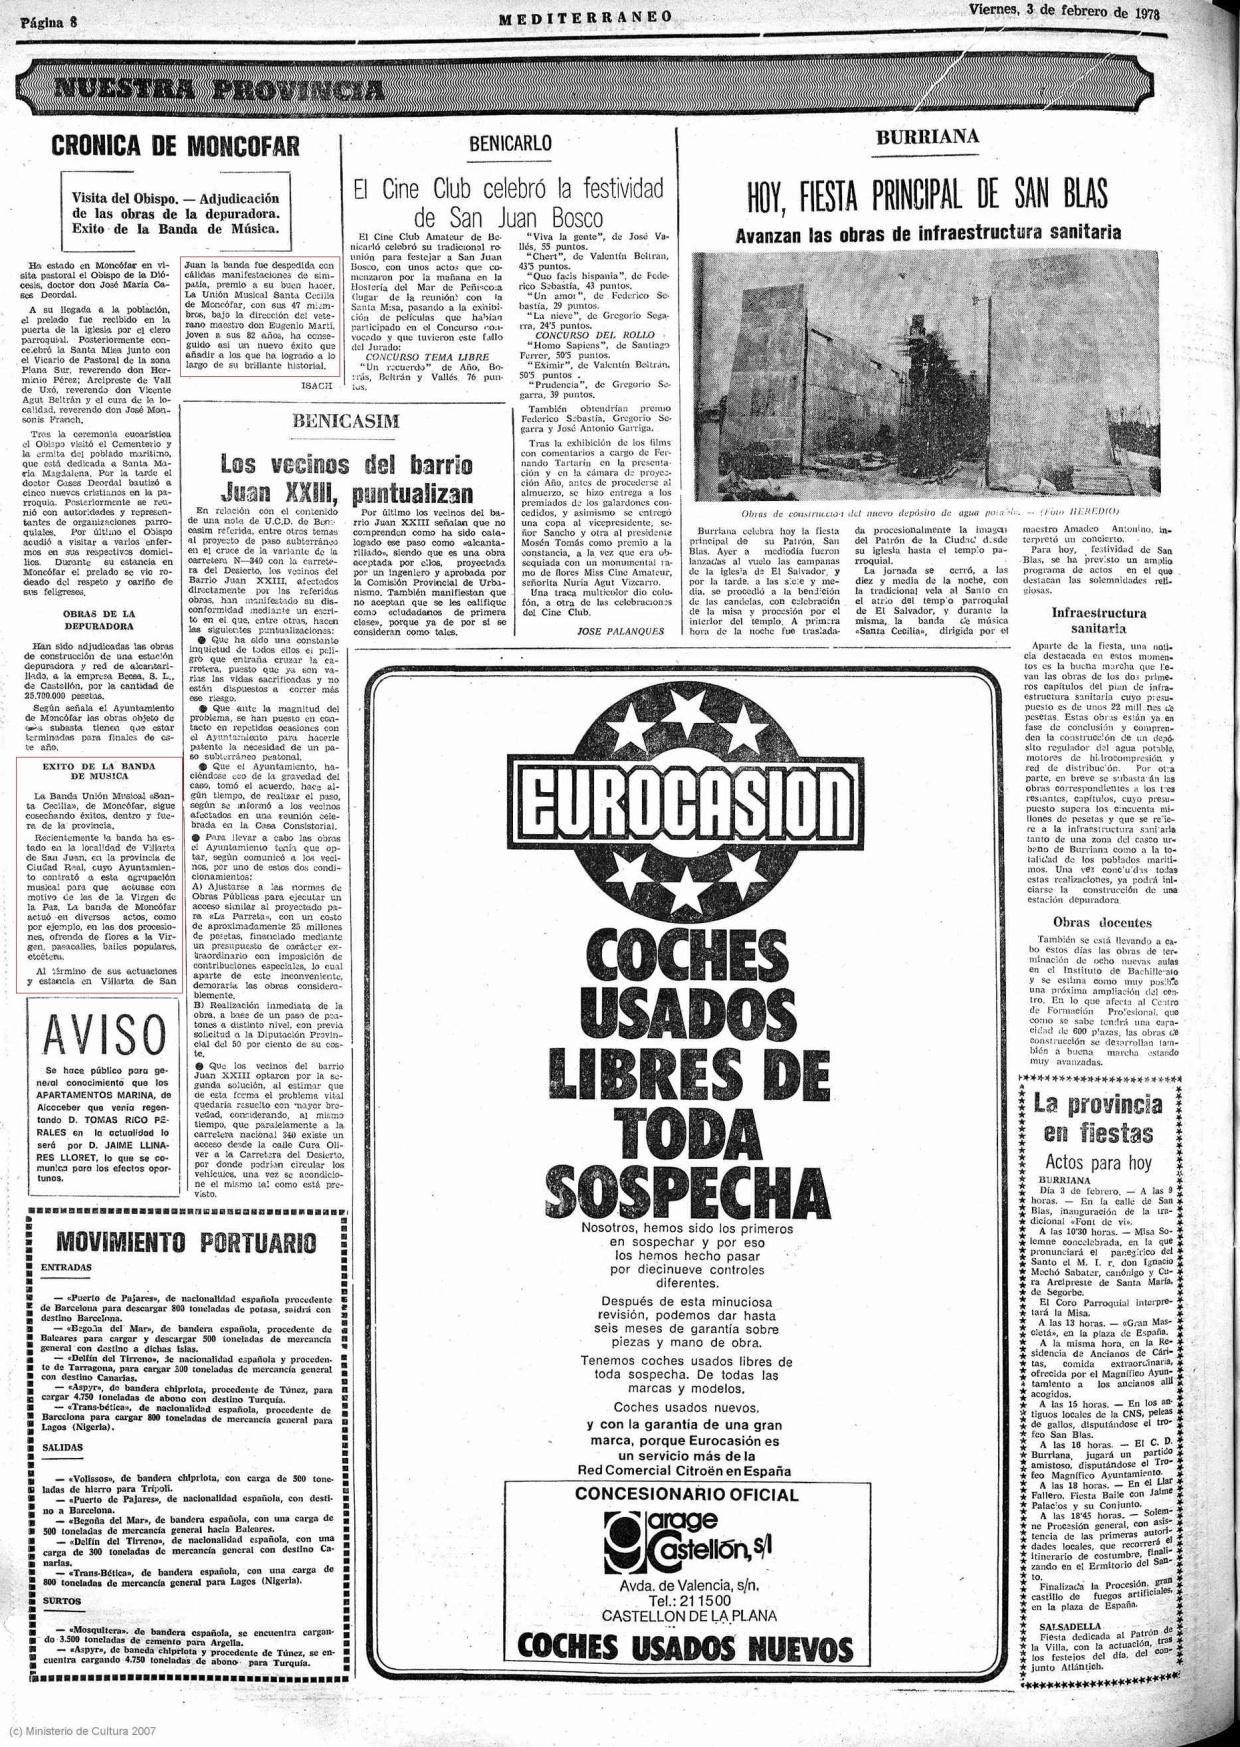 Mediterraneo prensa_0384.jpg